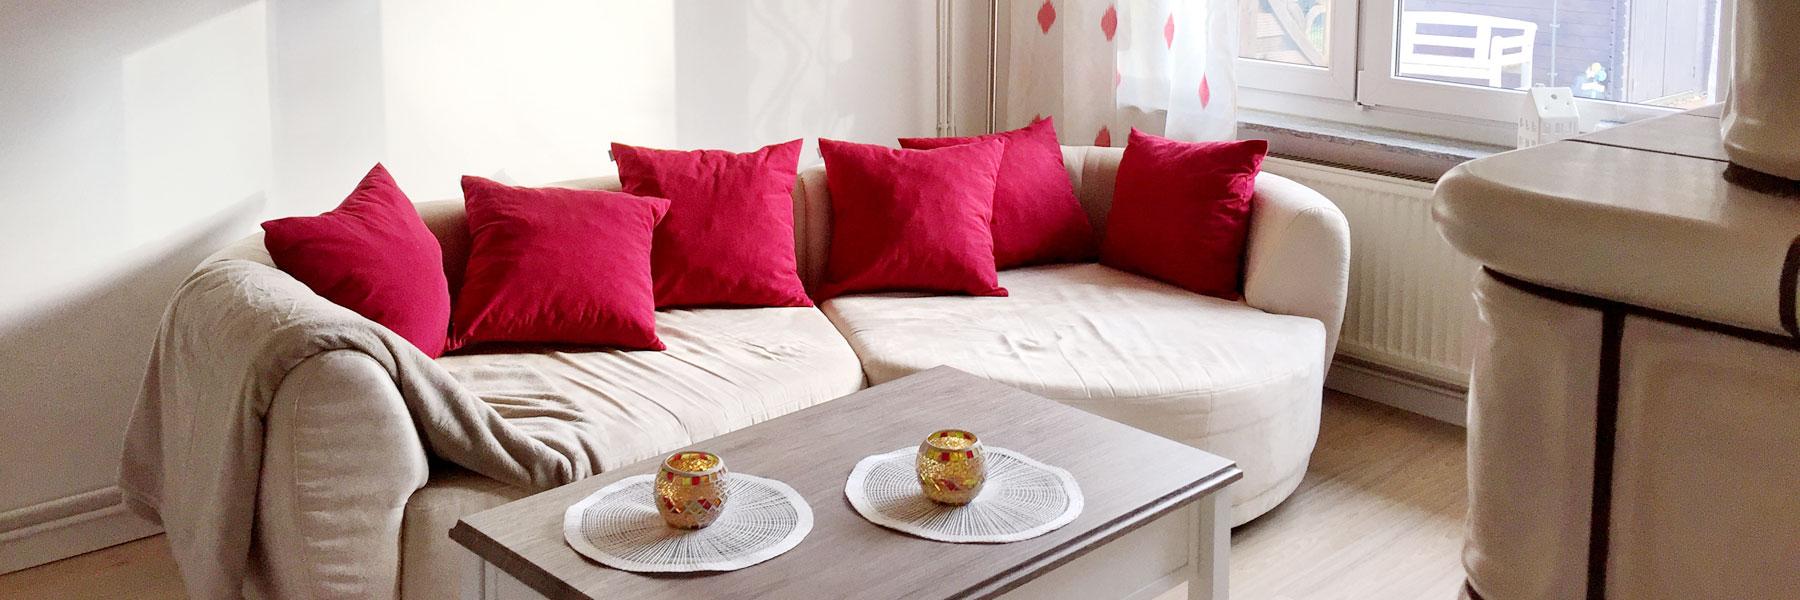 Wohnzimmer Couch - Ferienhaus Quetzina